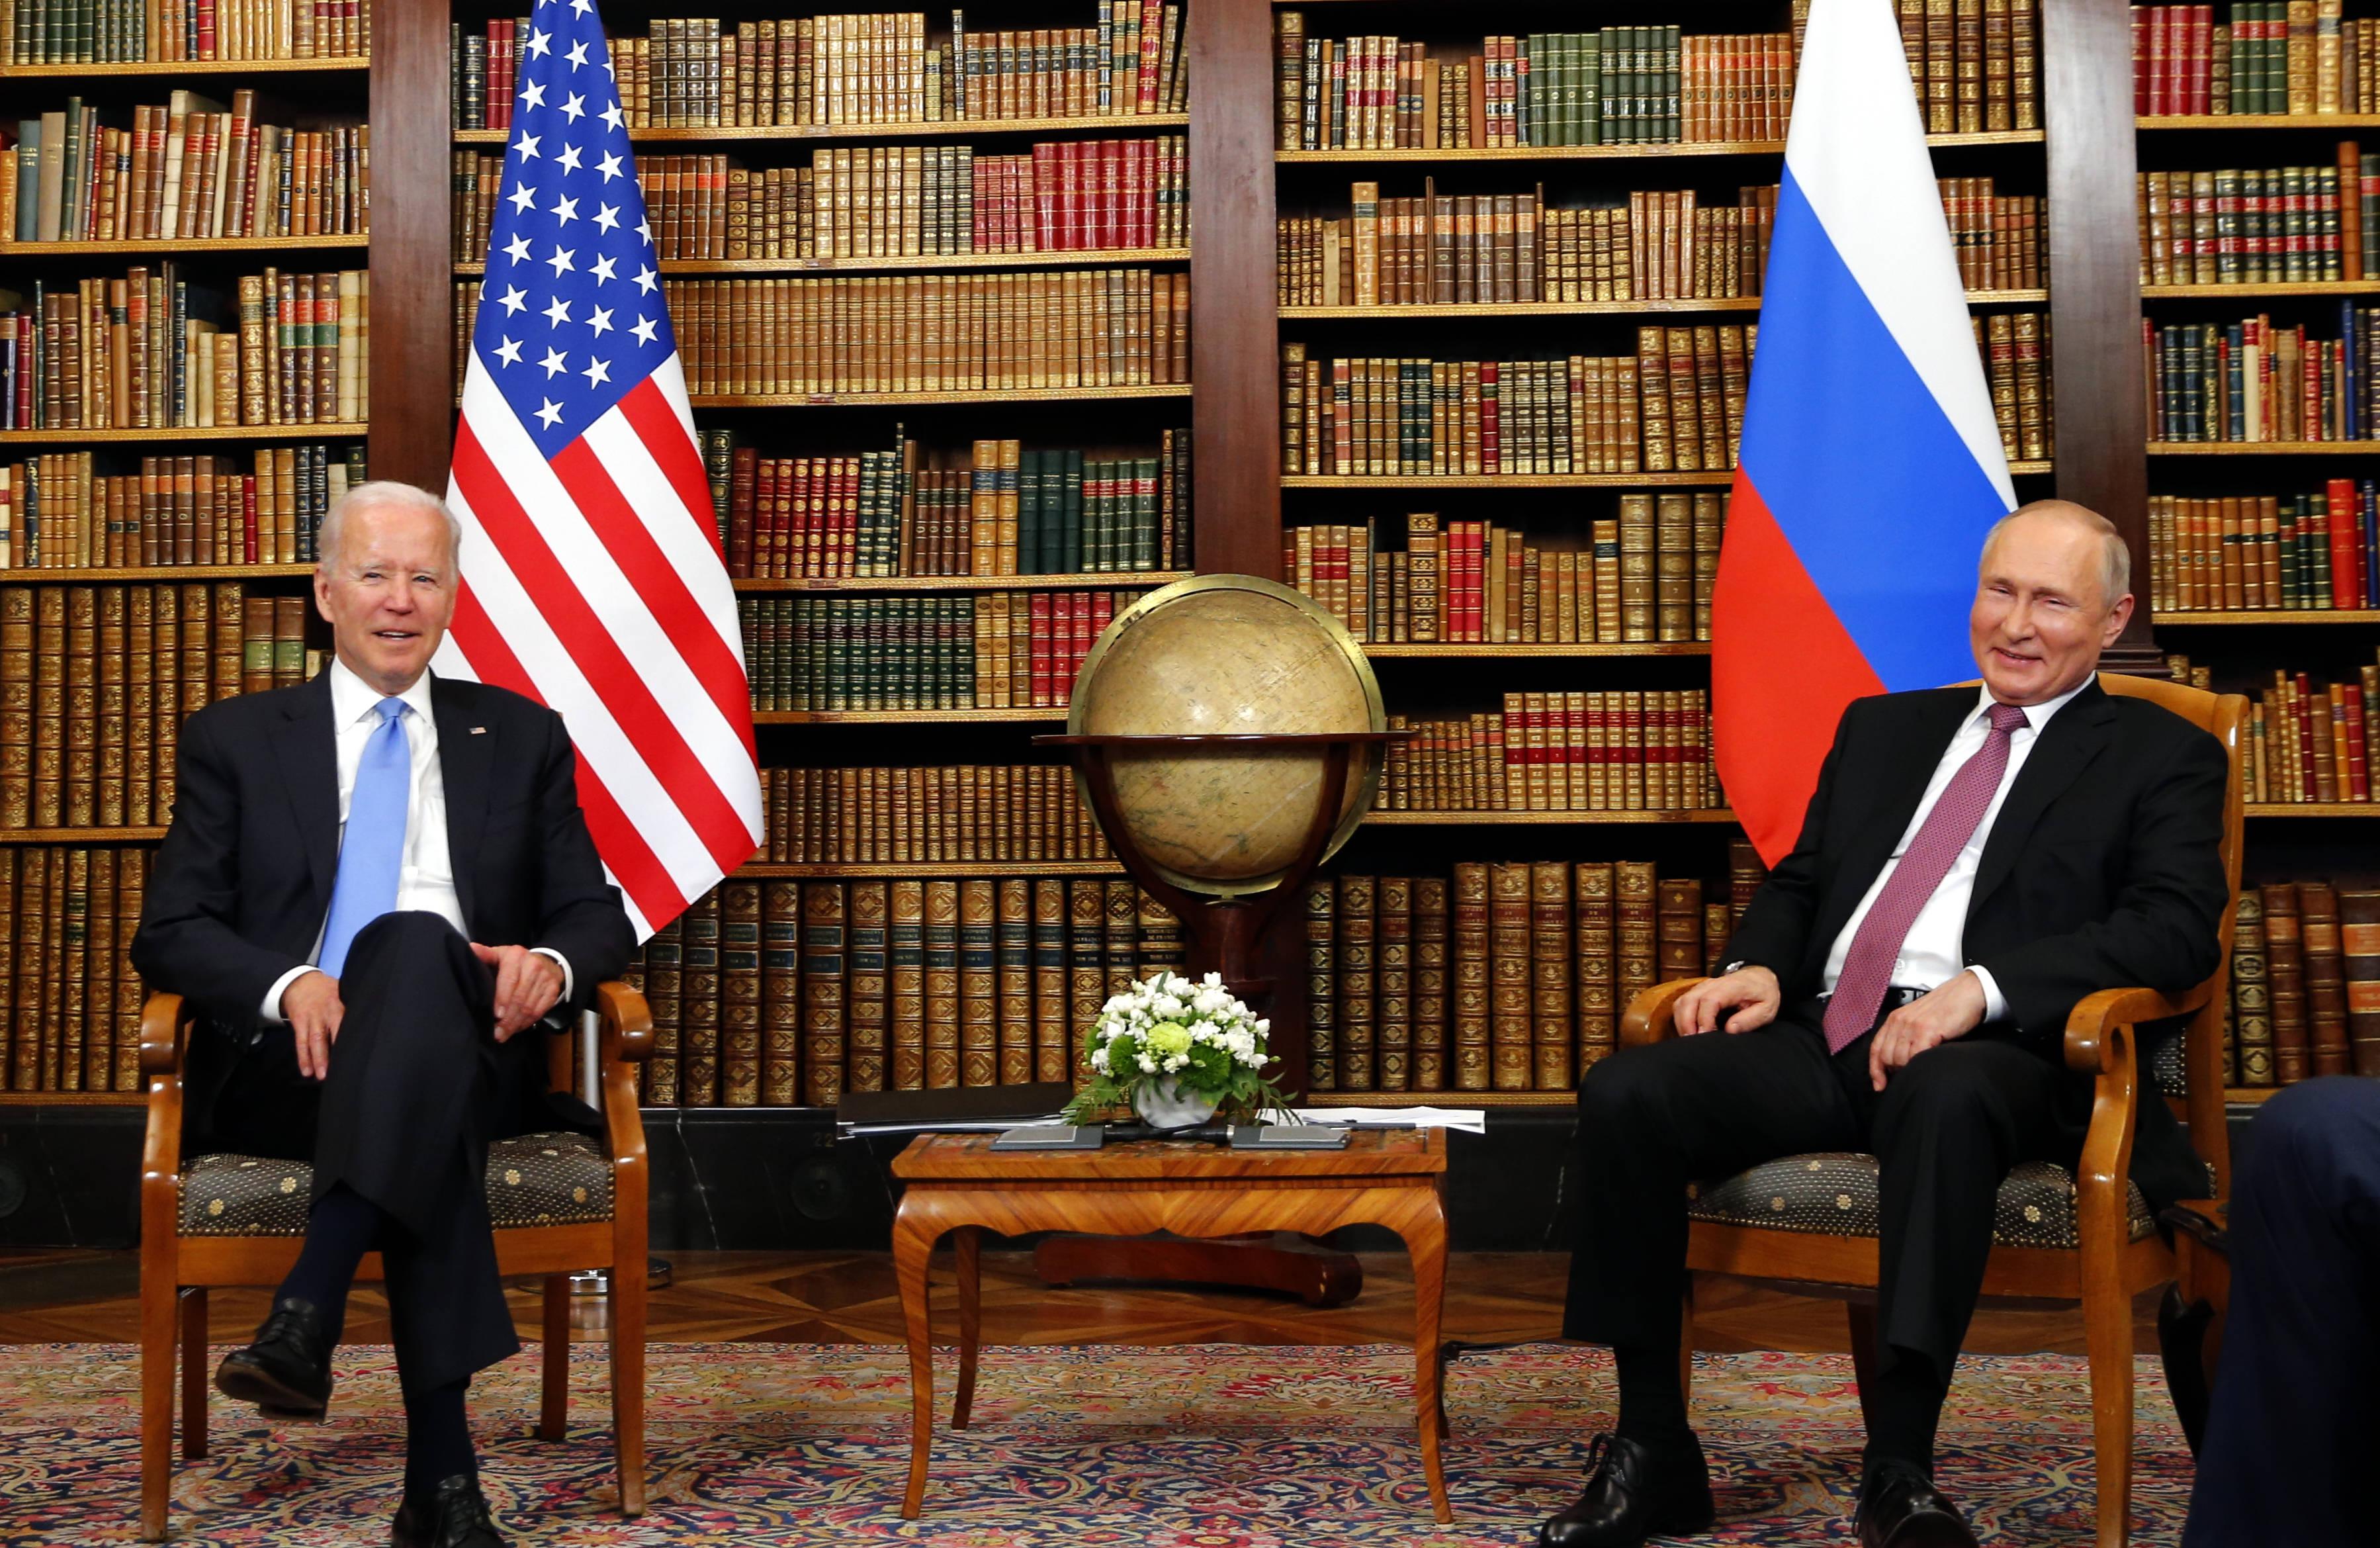 美国总统拜登和俄罗斯总统普京举行会晤